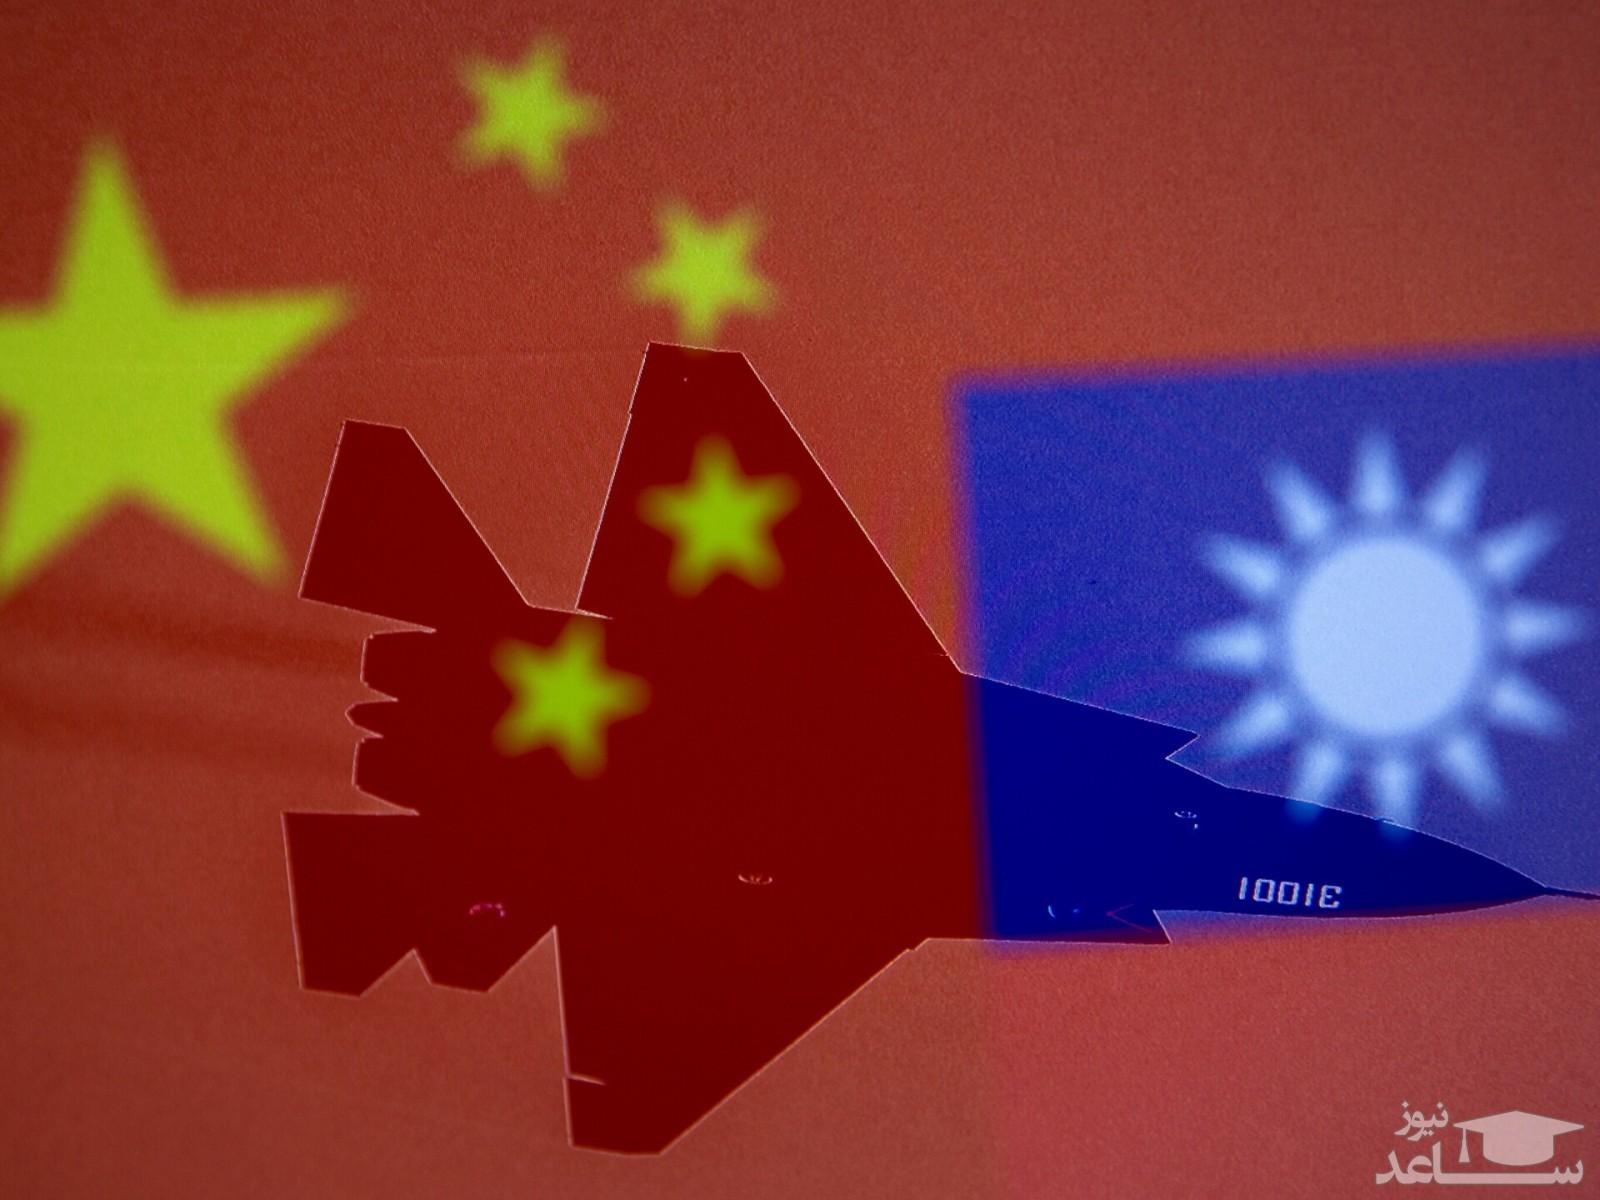 تایوان خودش را برای جنگ احتمالی با چین آماده میکند